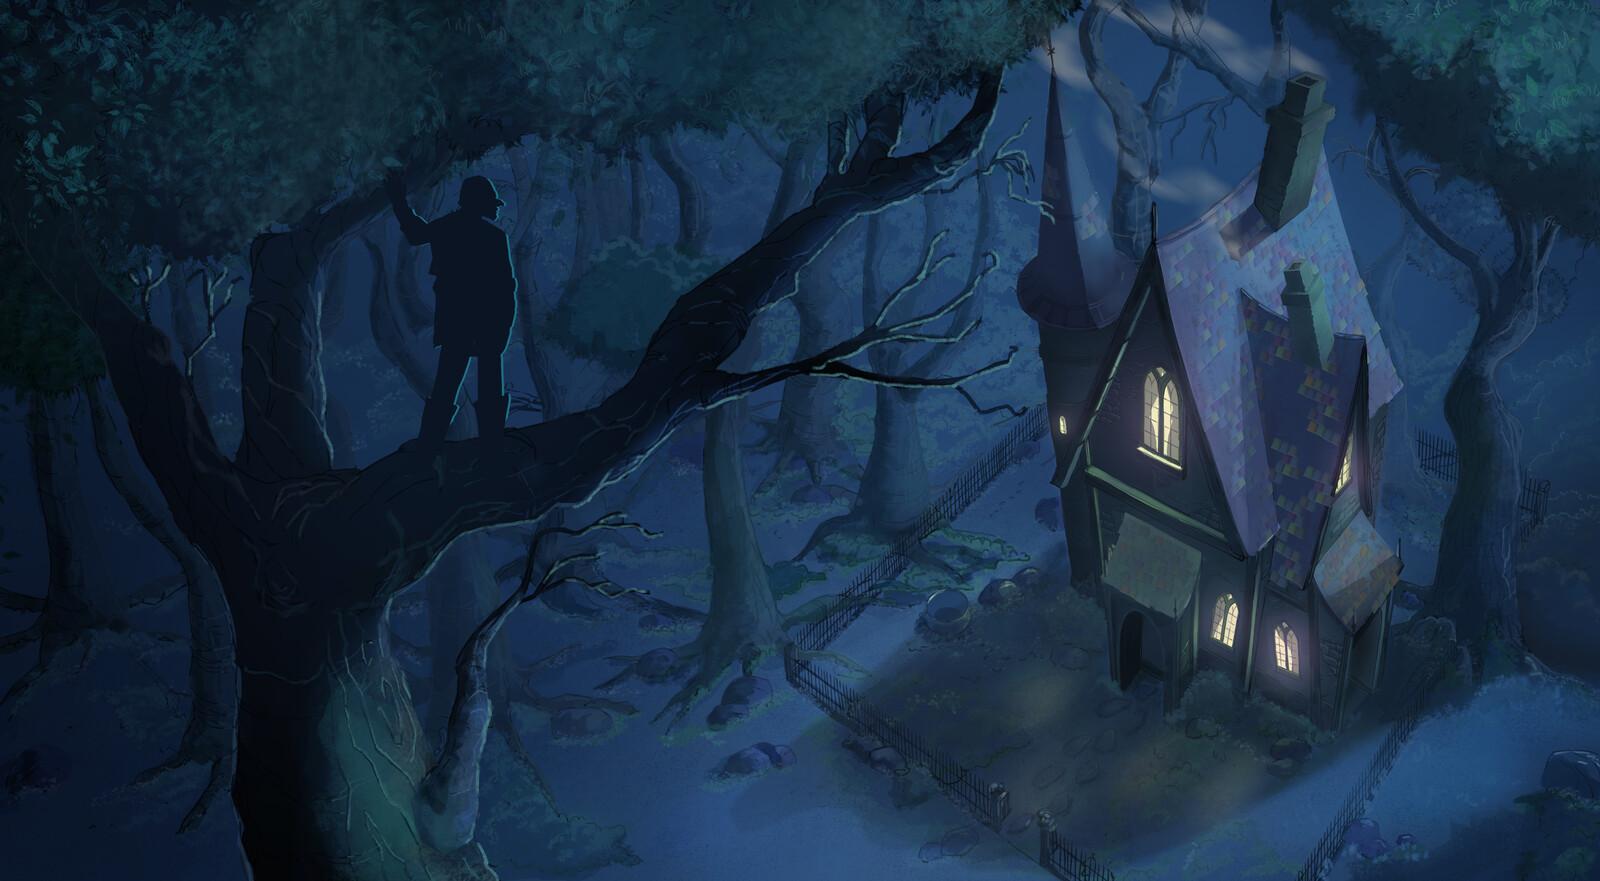 Rumpelstiltskin's house